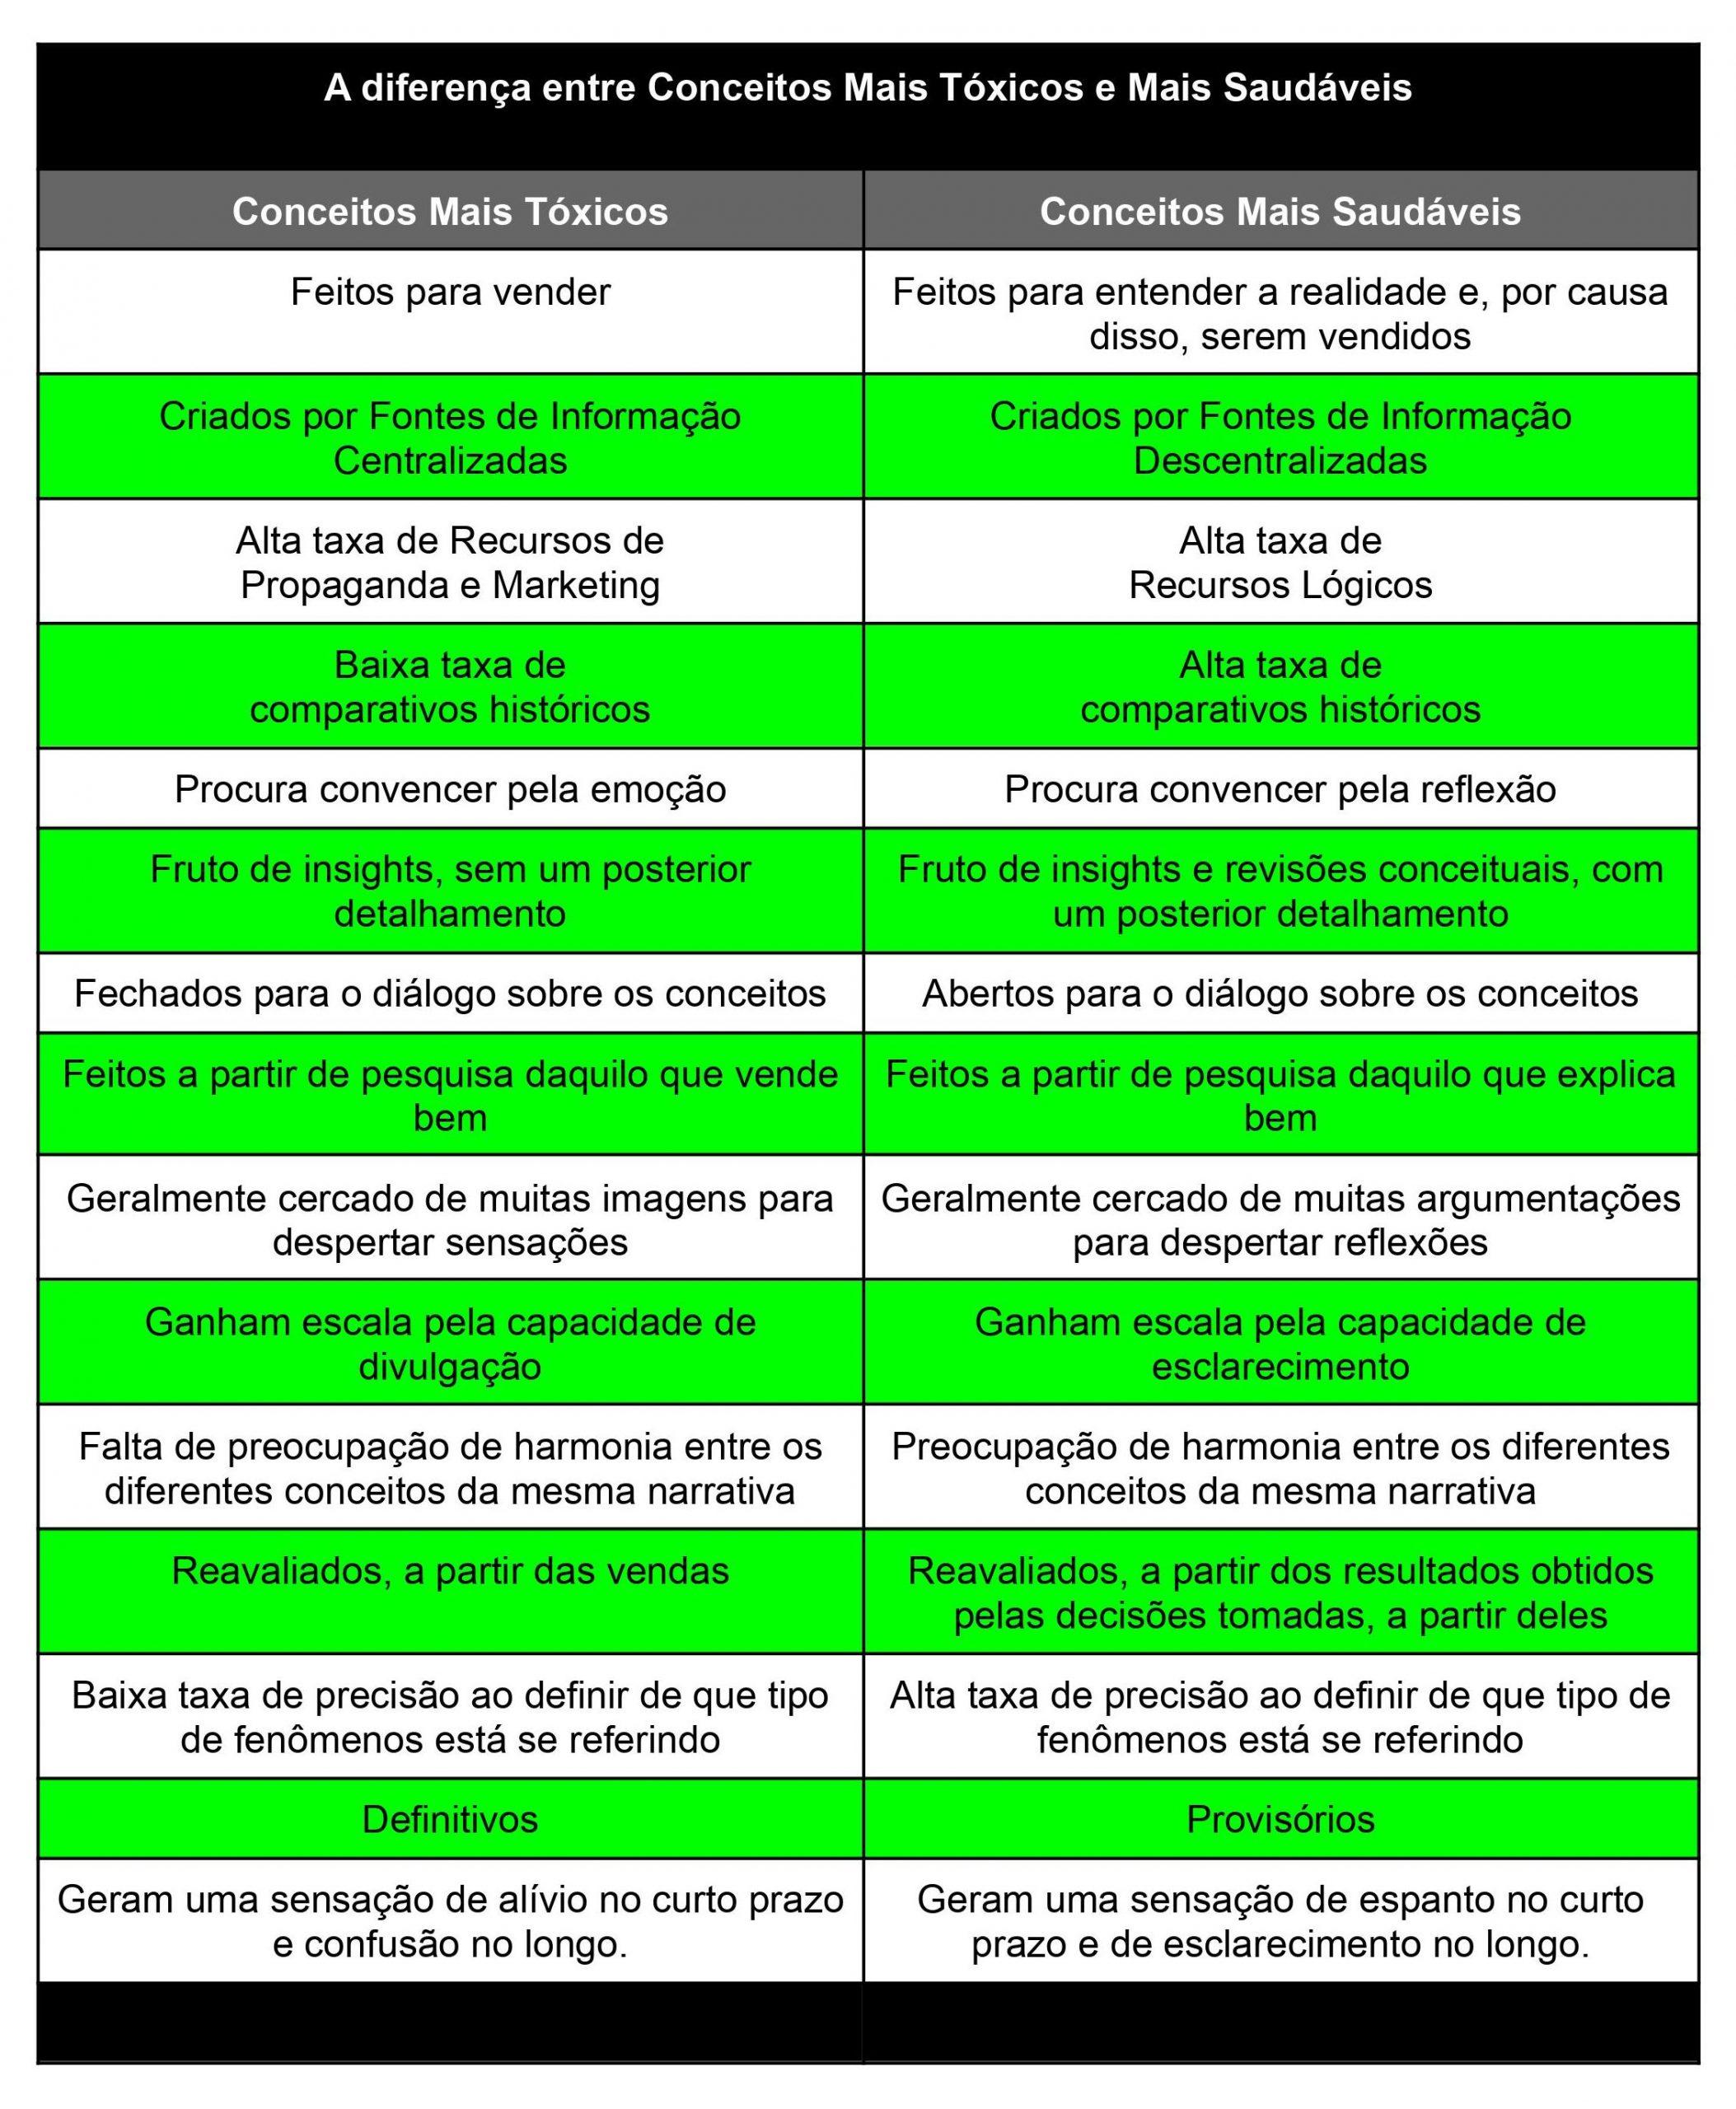 A diferença entre Conceitos Tóxicos e Saudáveis